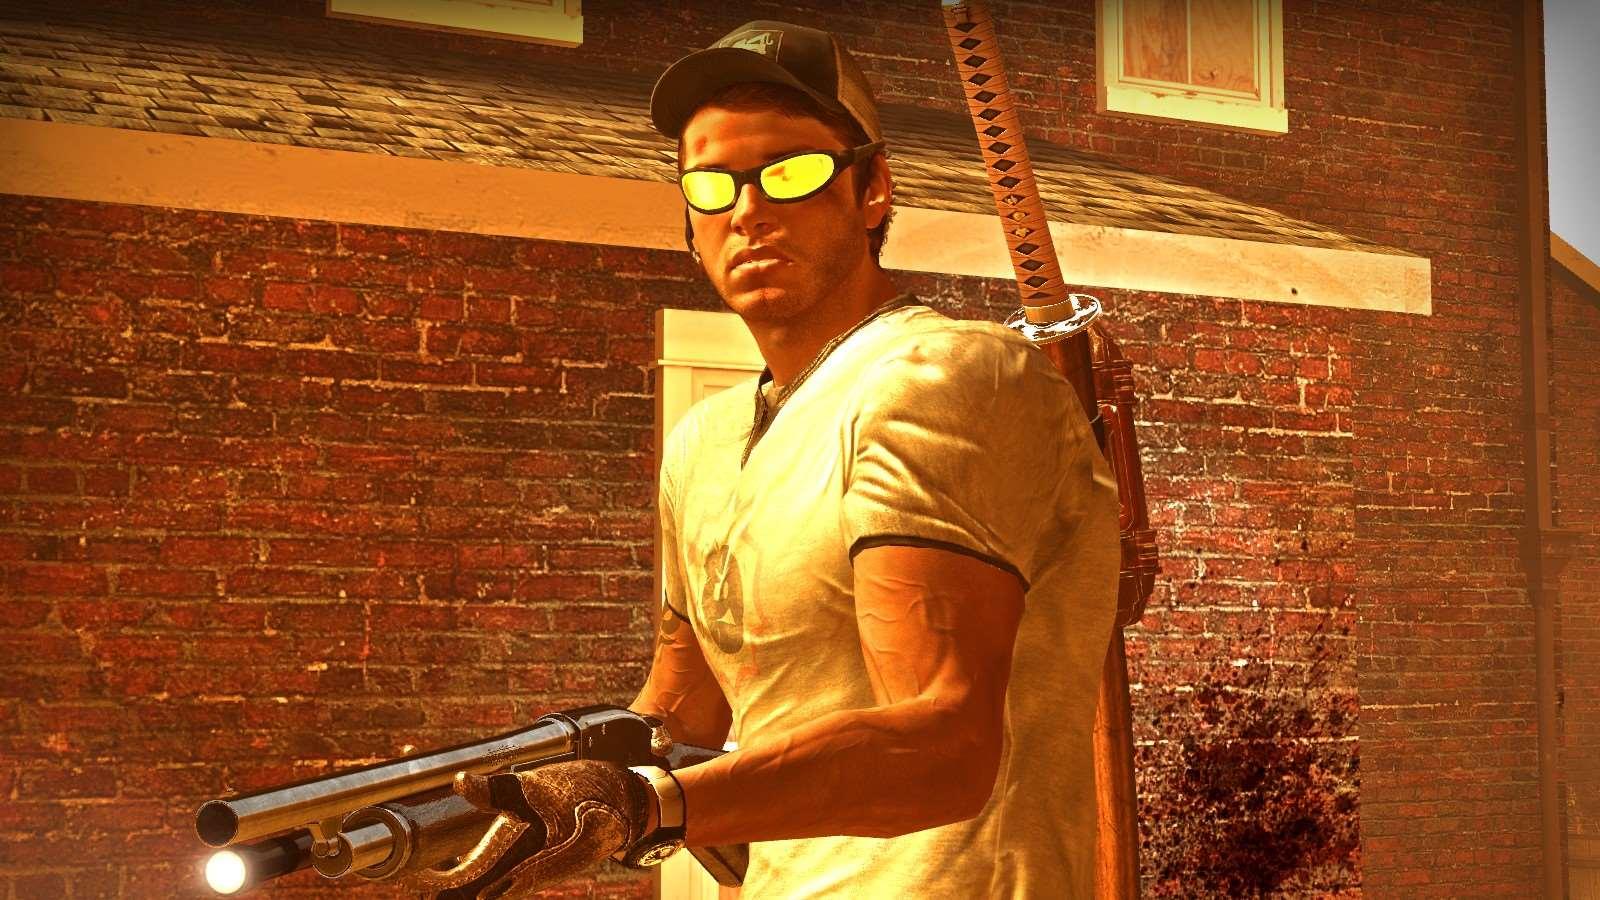 Файлы для Left 4 Dead 2 - GMania.ru - Игровые сервера Left